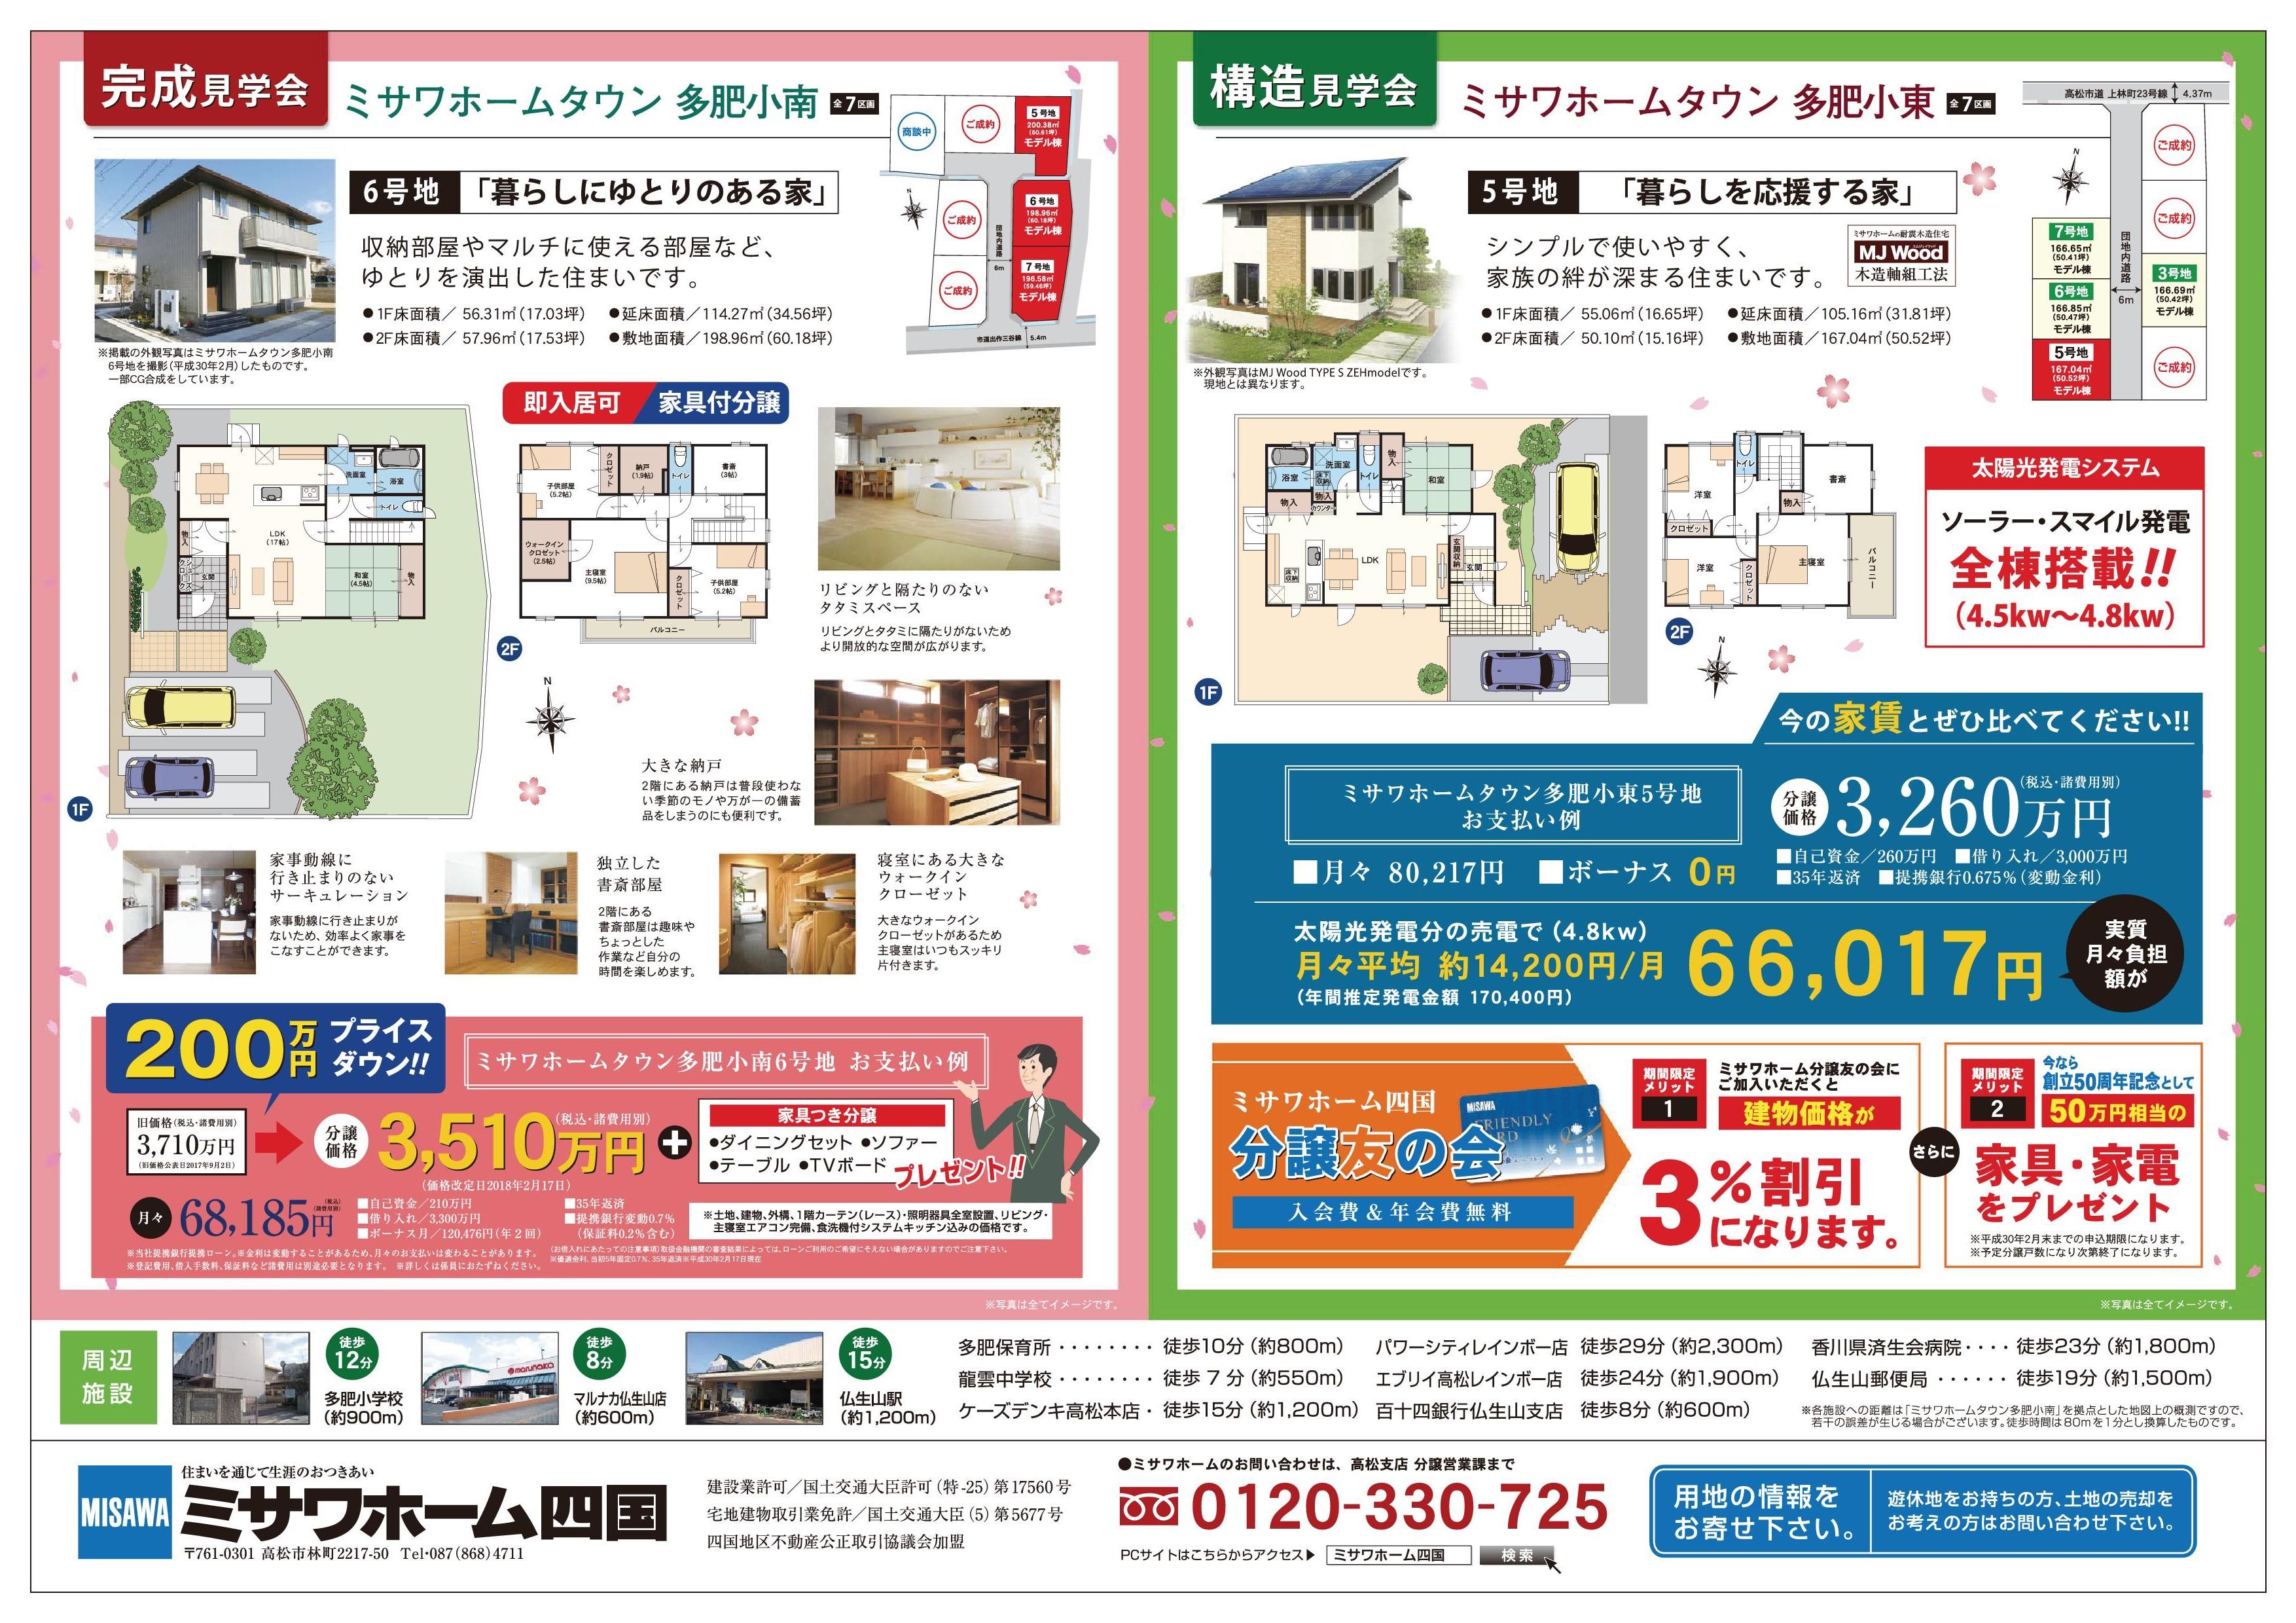 ミサワ高松多肥小チラシ-002.jpg